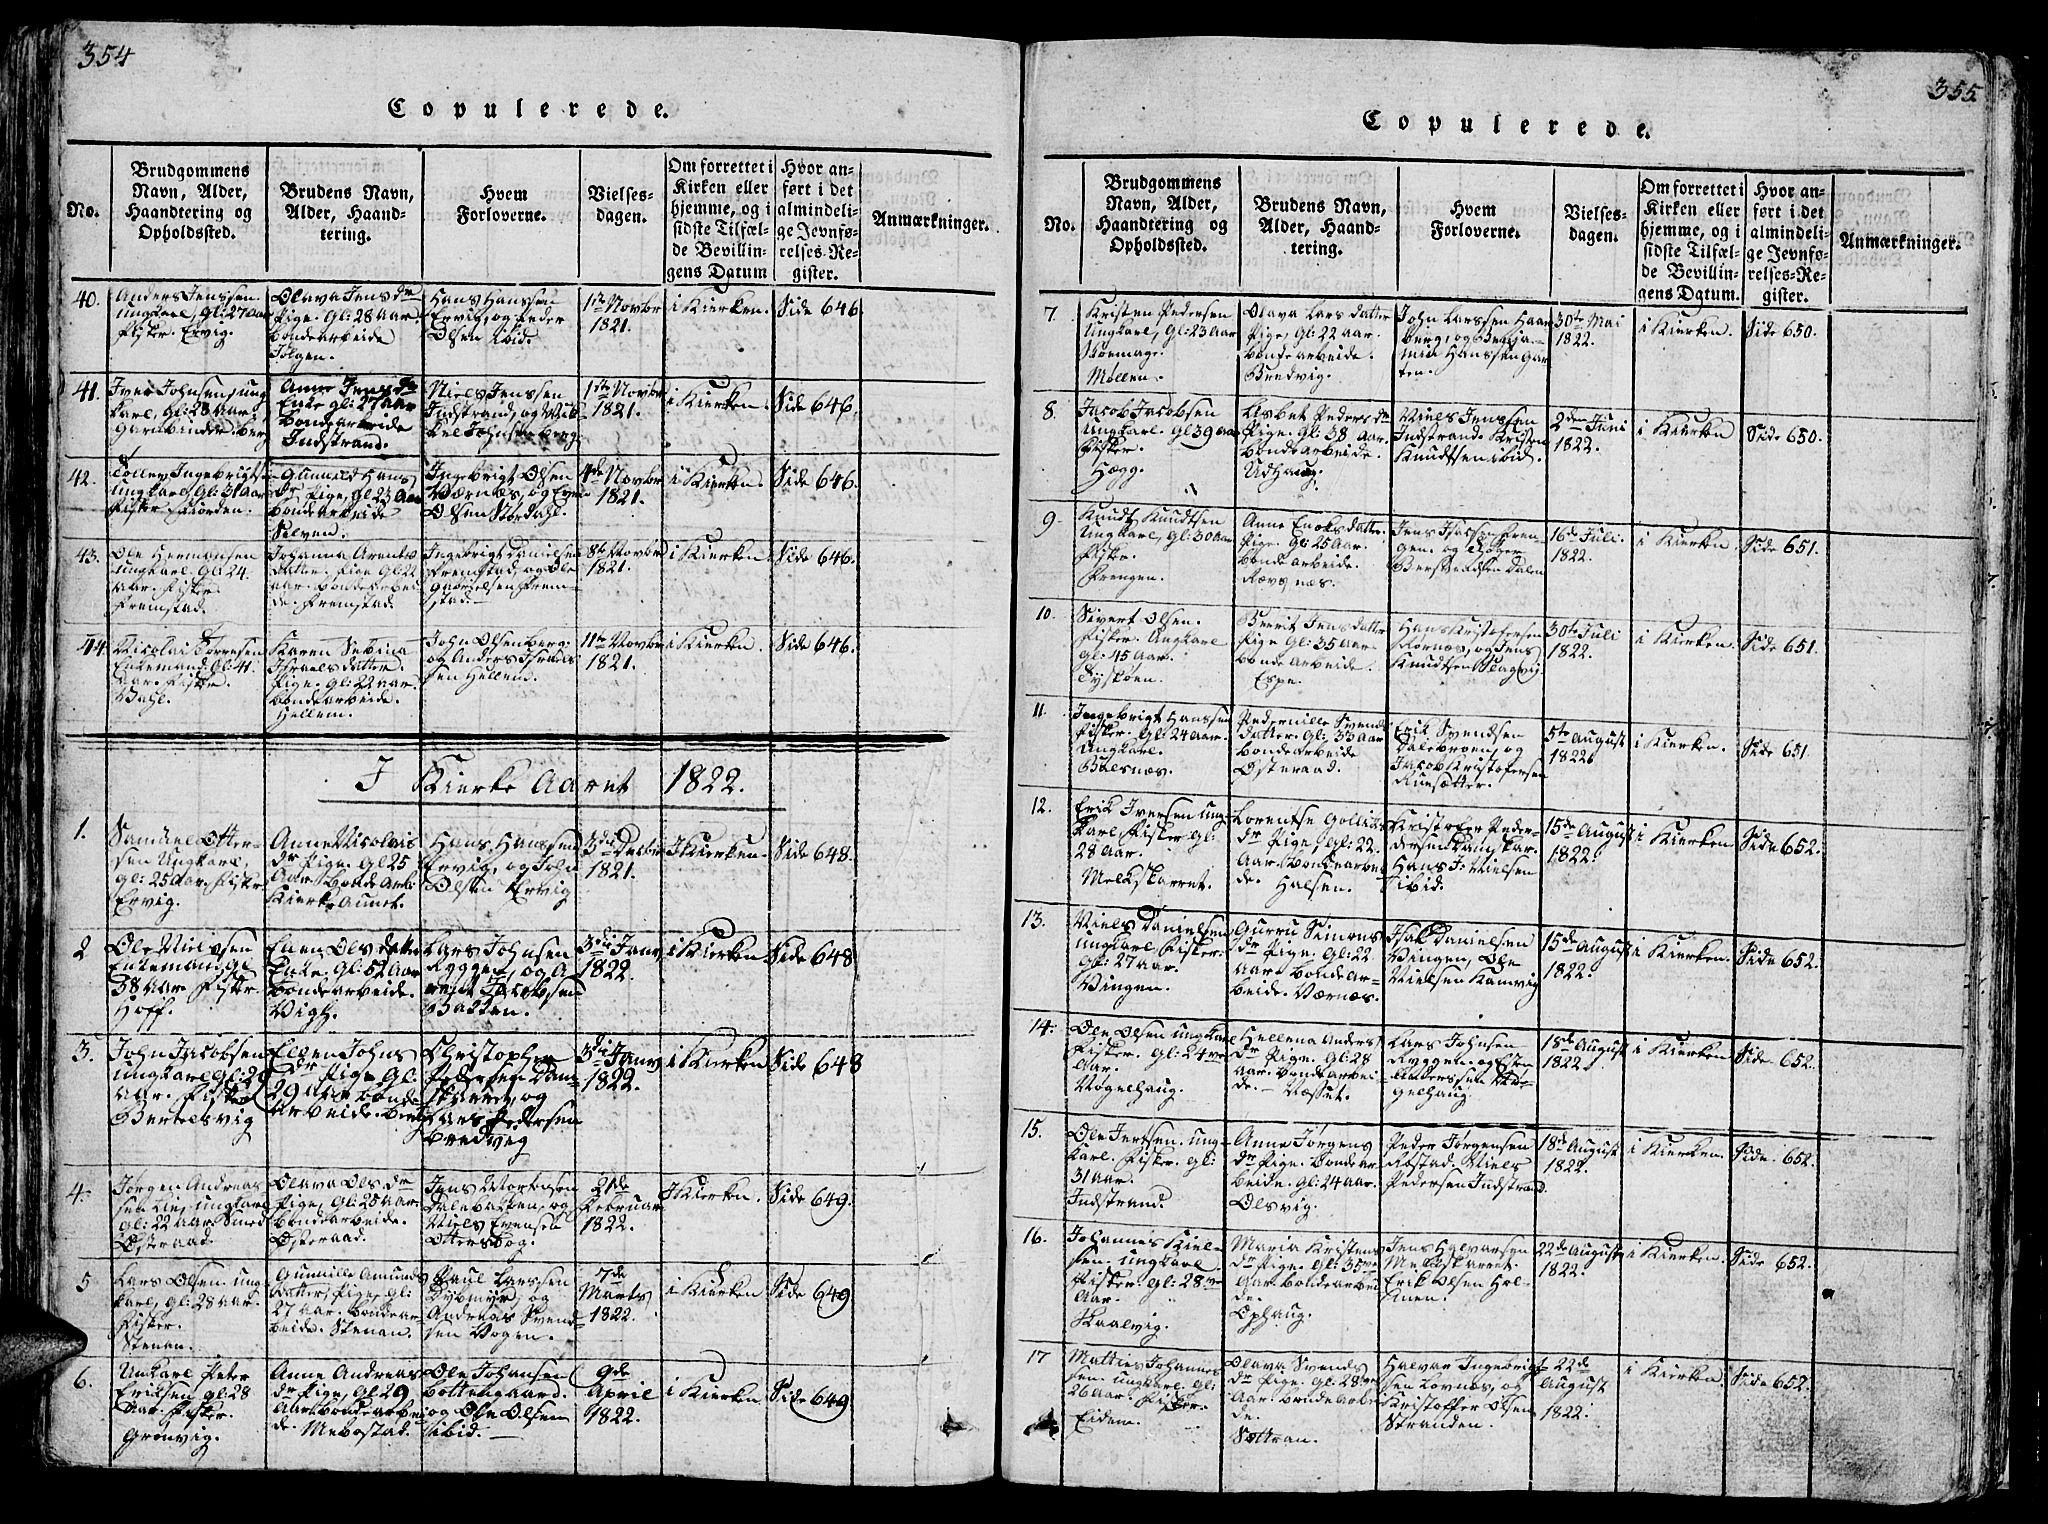 SAT, Ministerialprotokoller, klokkerbøker og fødselsregistre - Sør-Trøndelag, 659/L0744: Klokkerbok nr. 659C01, 1818-1825, s. 354-355